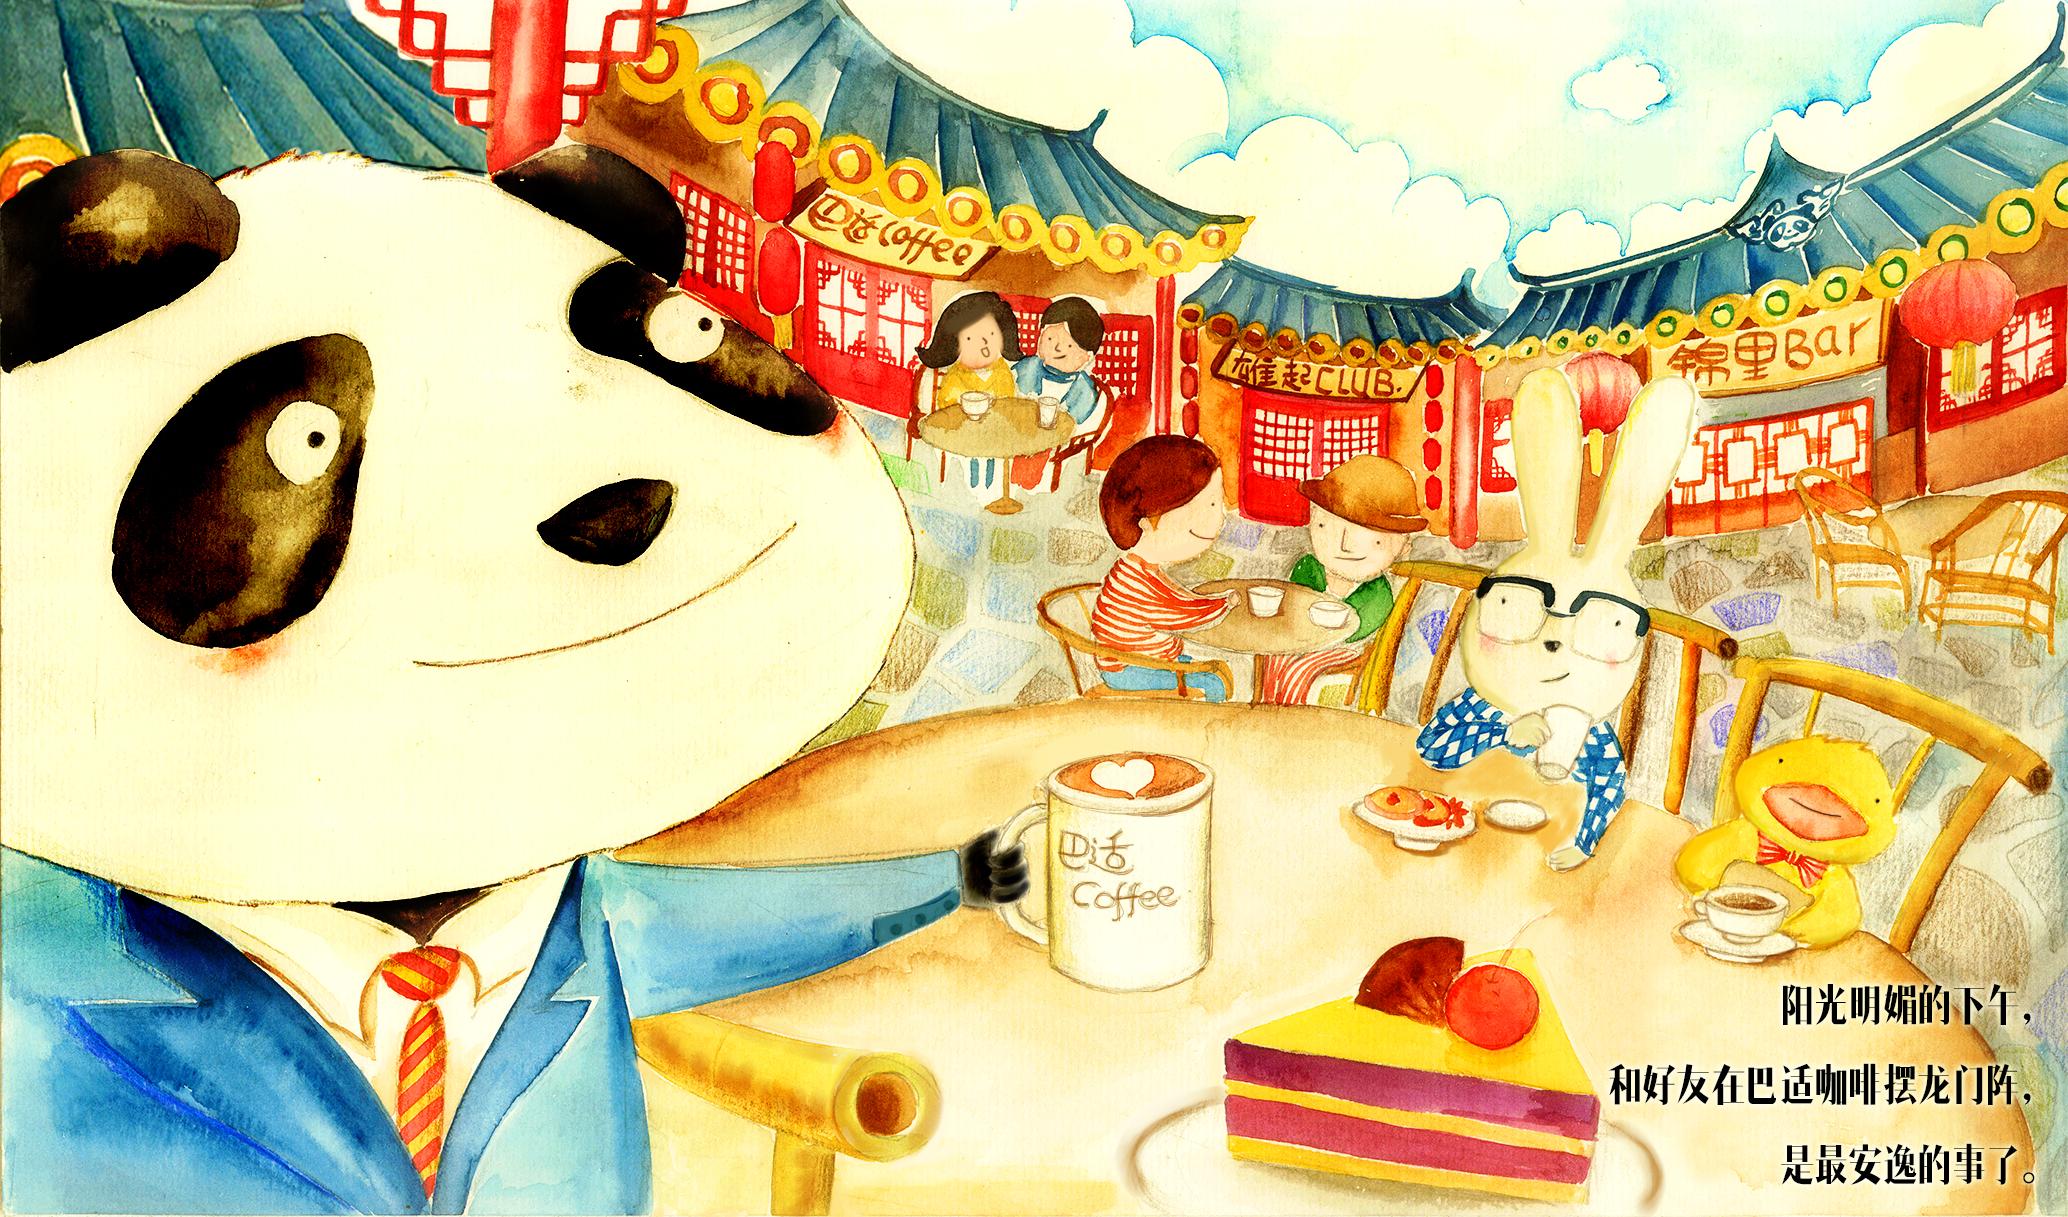 熊猫邮局萌系明信片